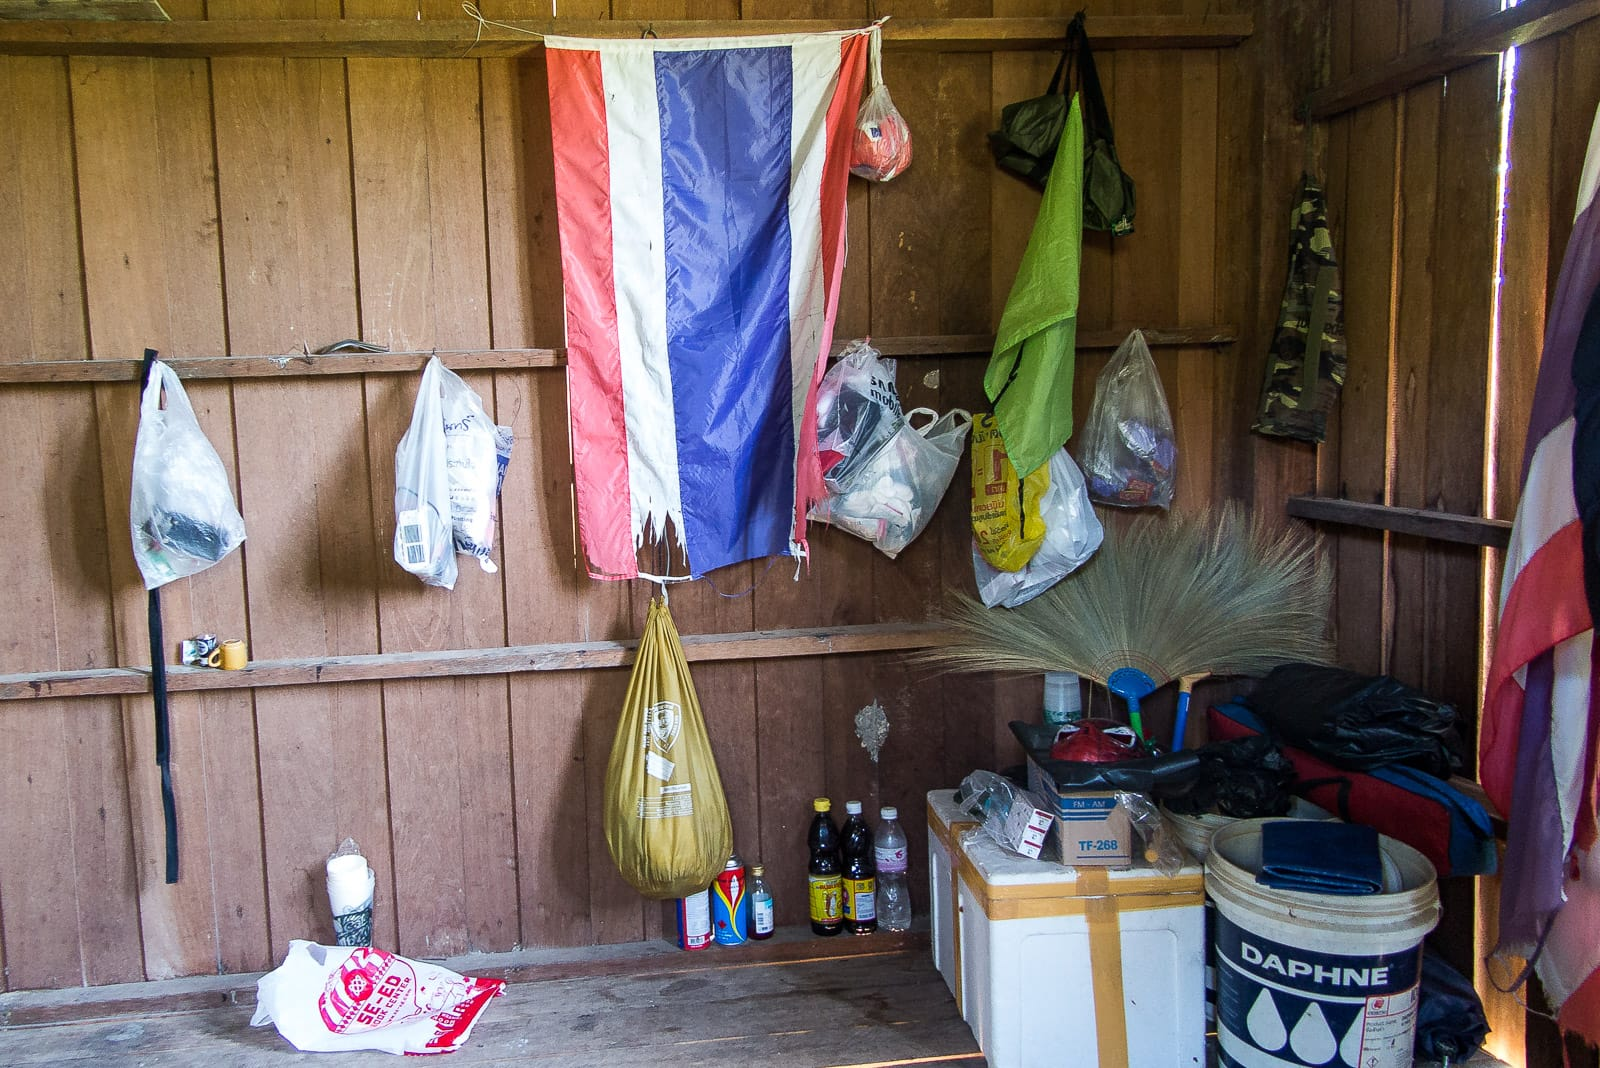 Einfaches Leben auf der Ranger-Station: Das Nötigste ist vorhanden